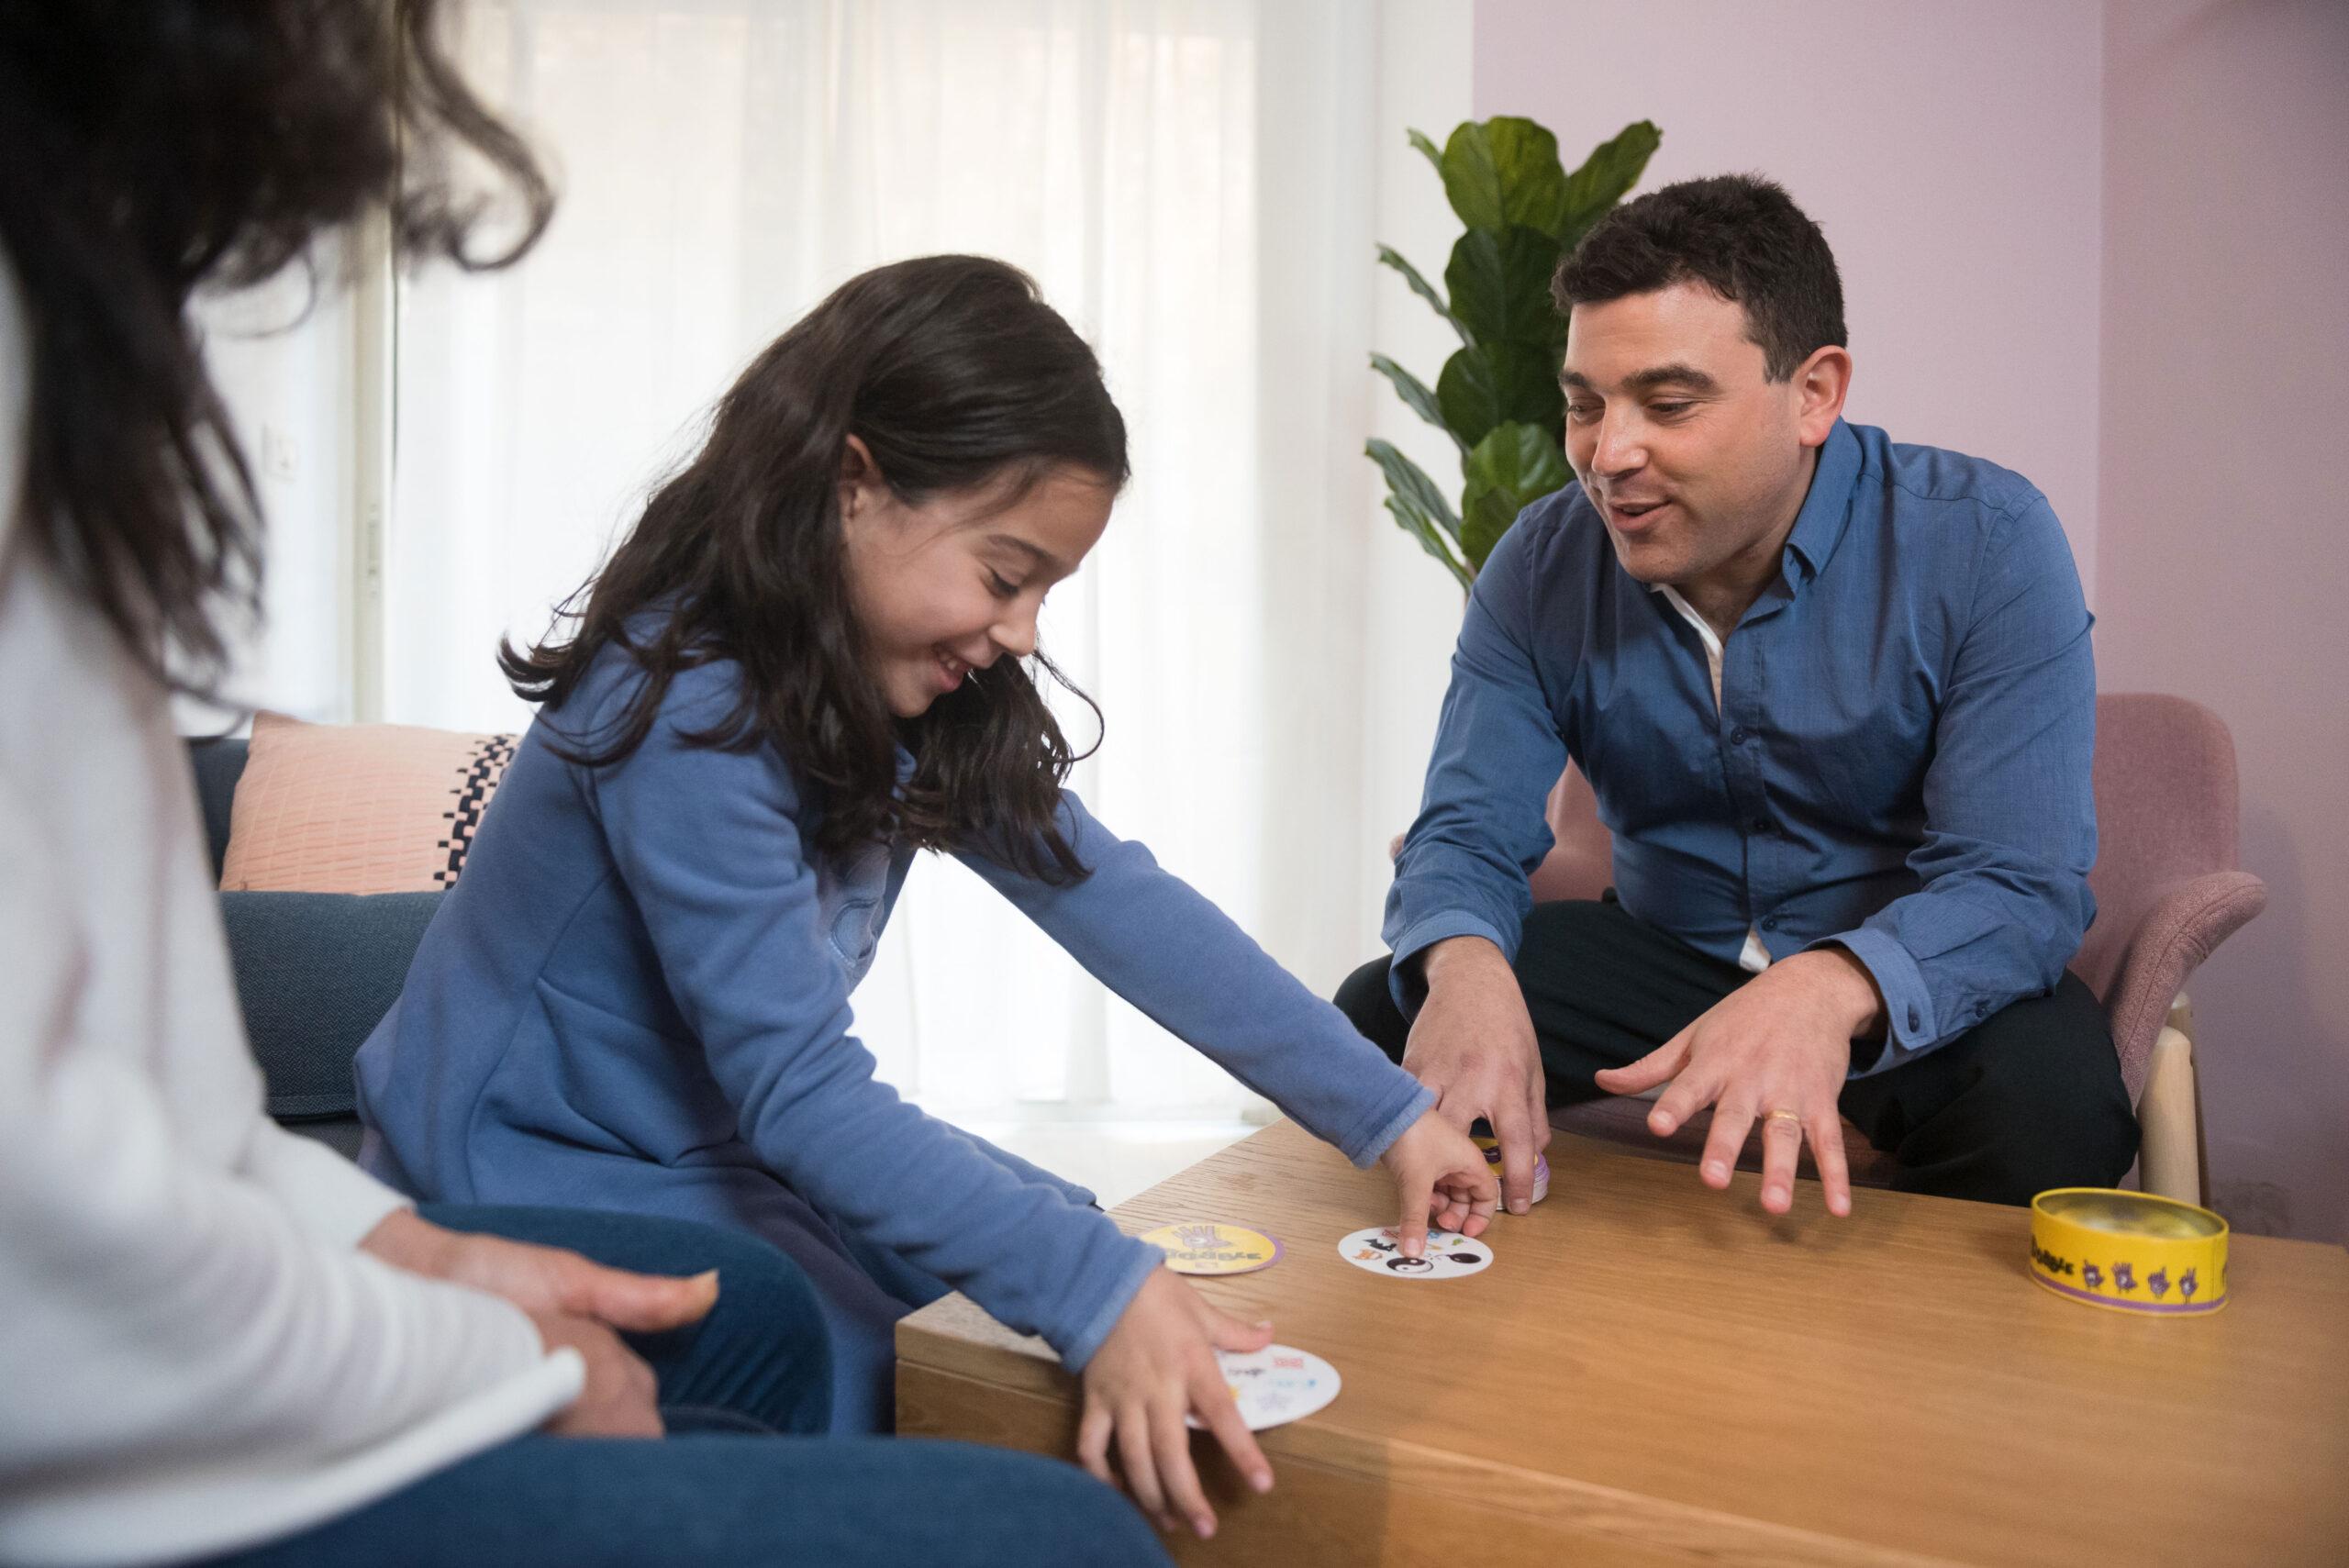 טיפול פסיכולוגי לילדים בחיפה